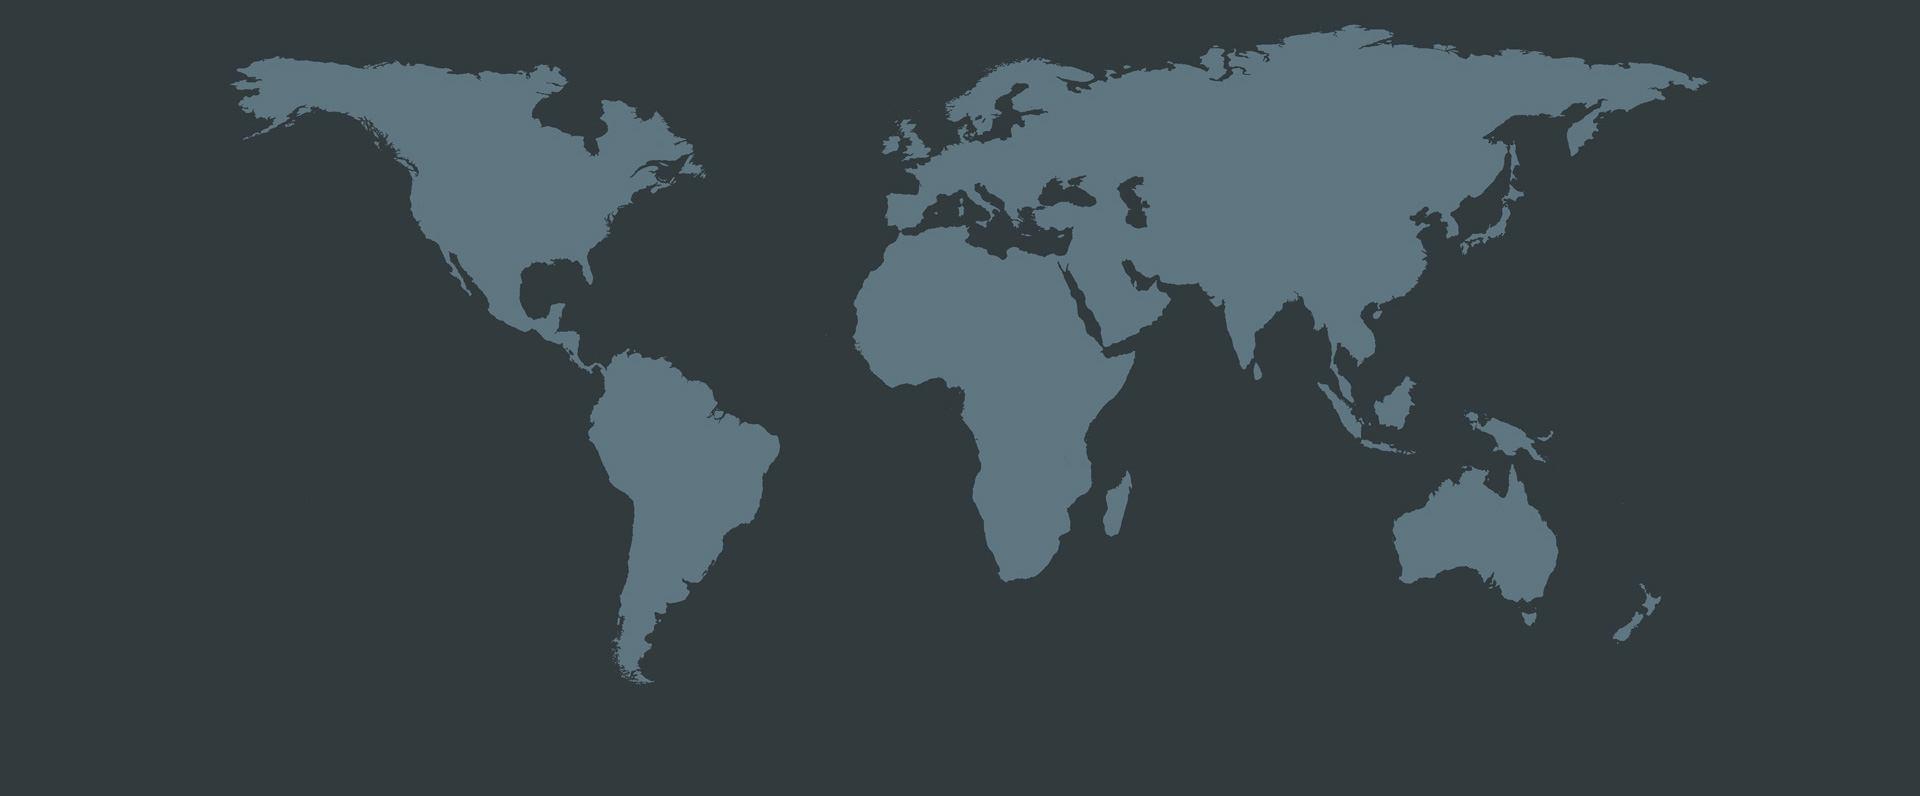 SSD Cloud - Worldwide Locations